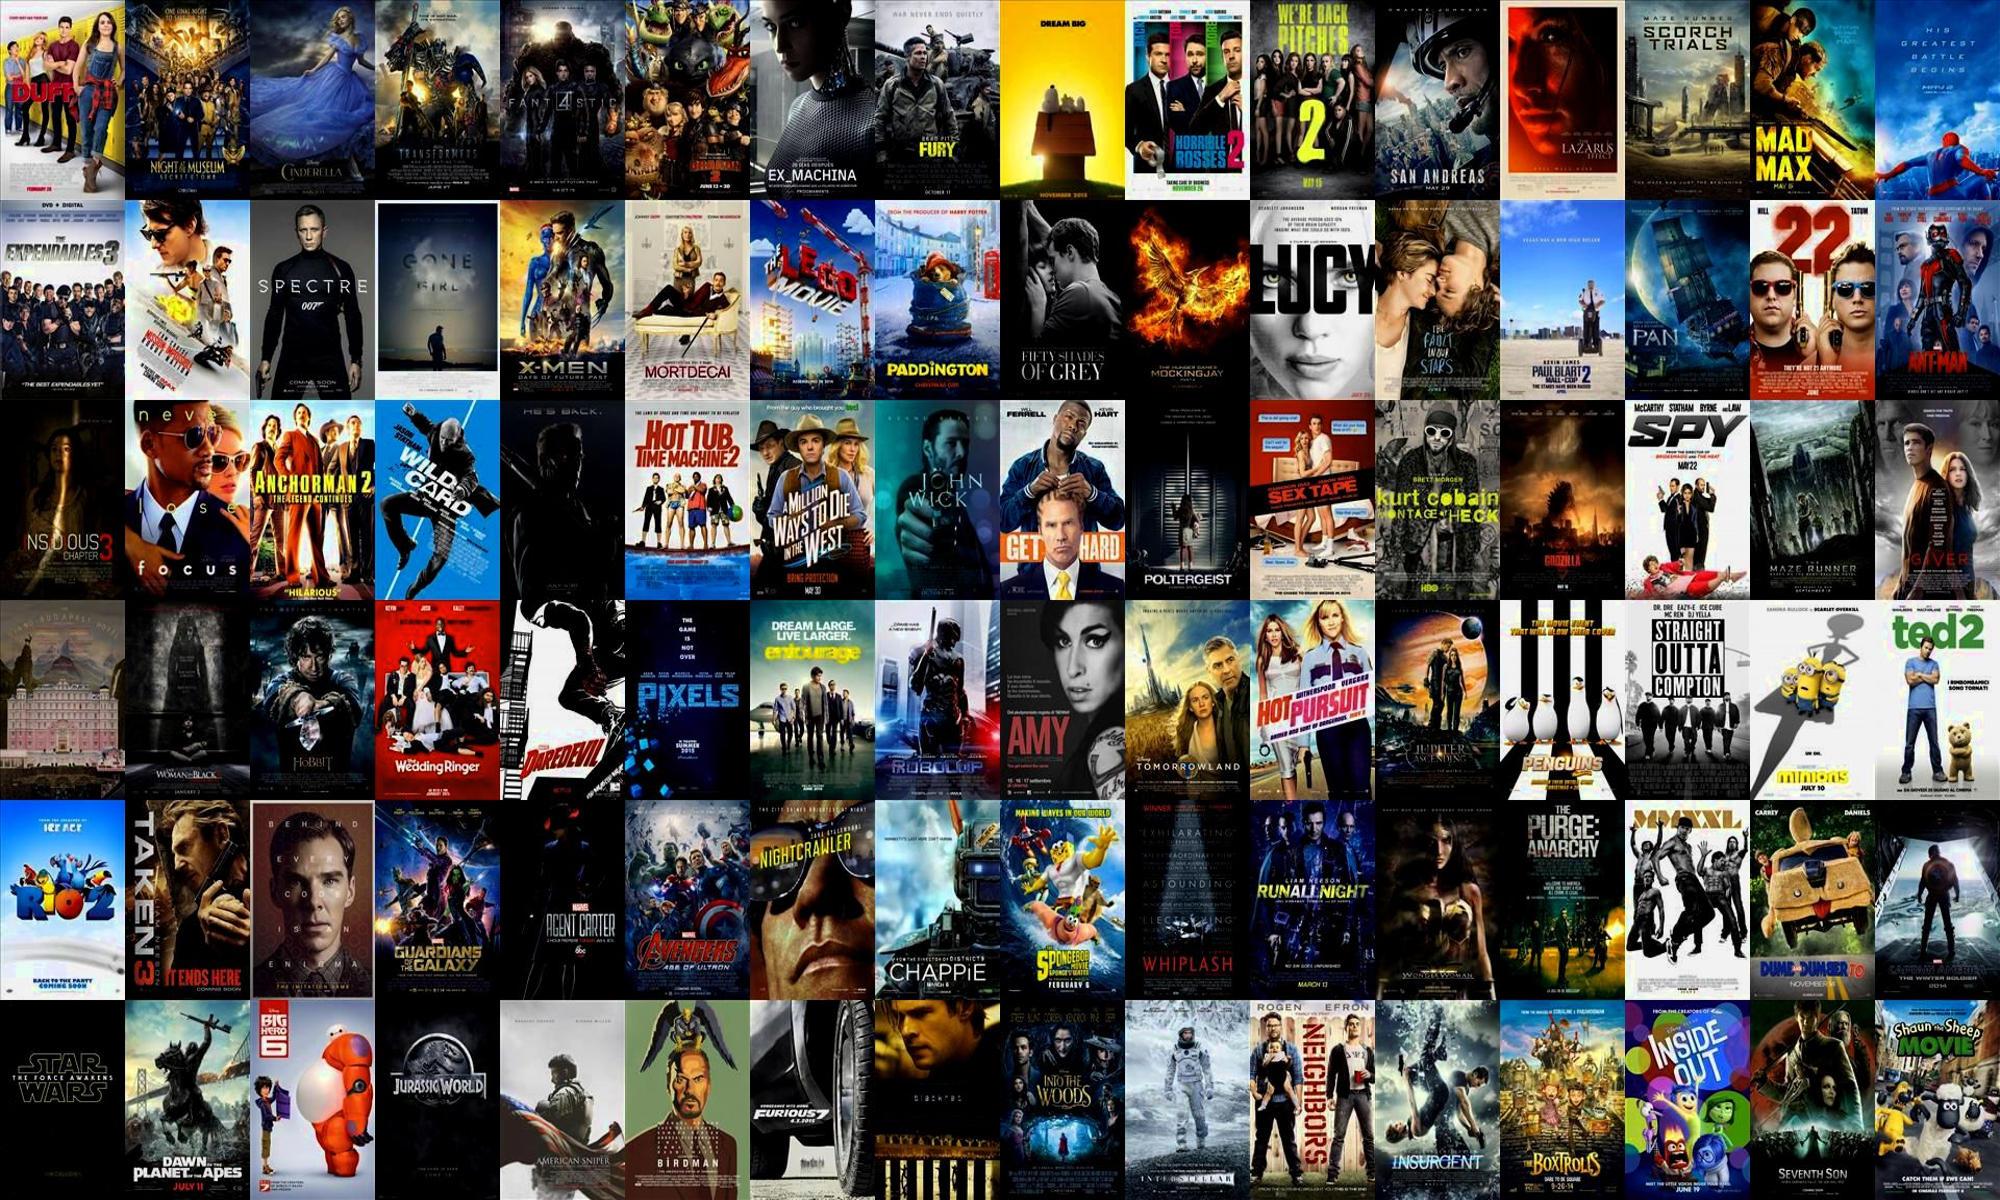 download subtitle film bahasa indonesia gratis